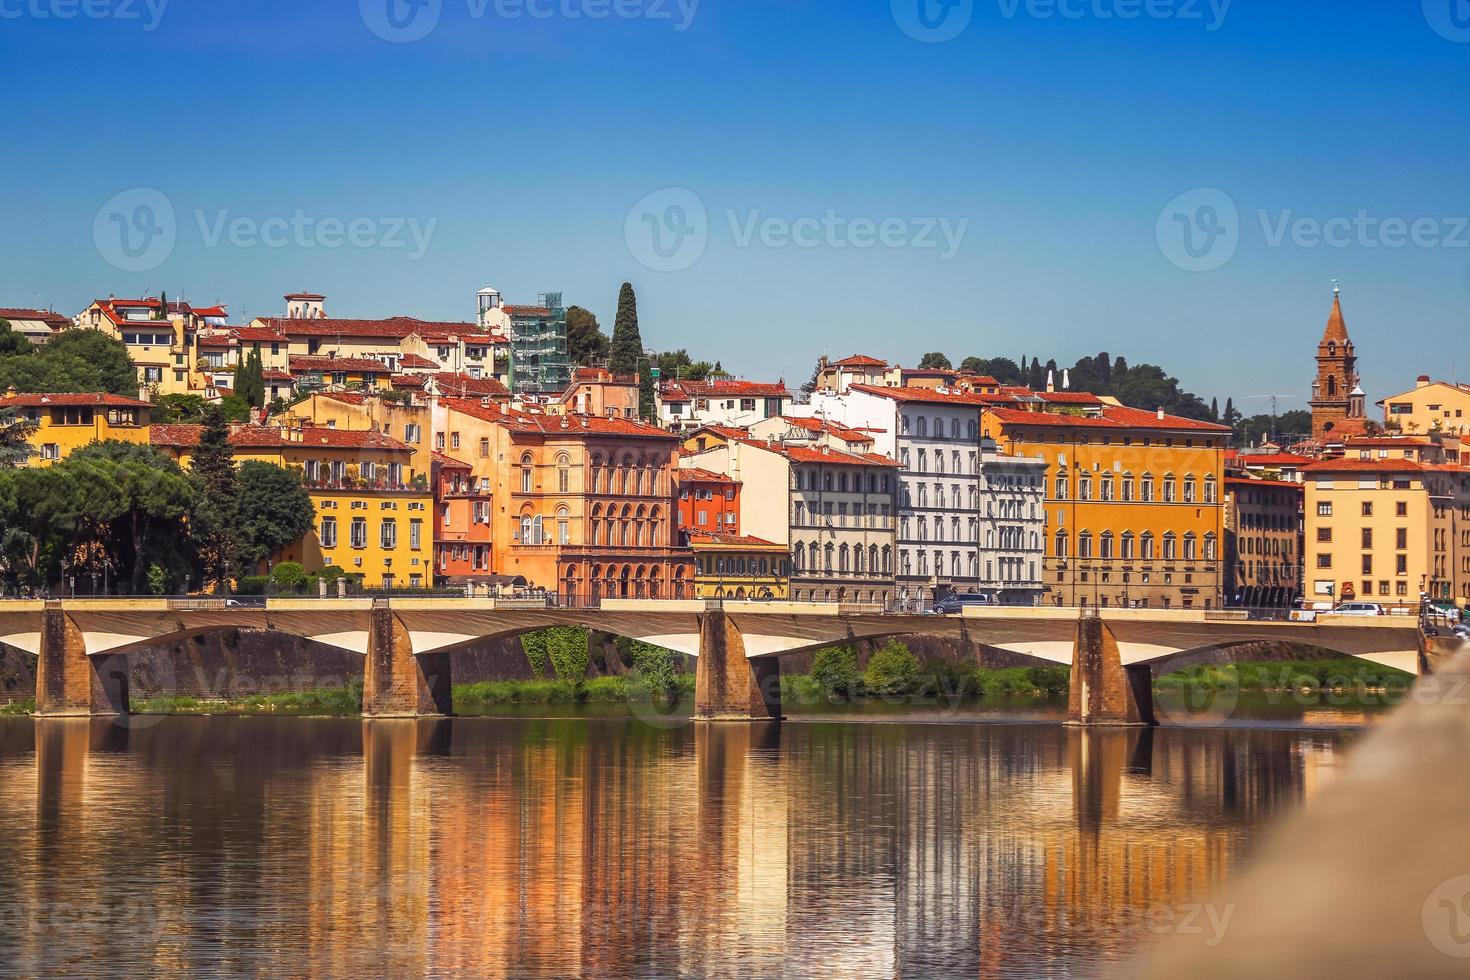 vista del ponte vecchio con riflessi nel fiume arno, firenze, foto